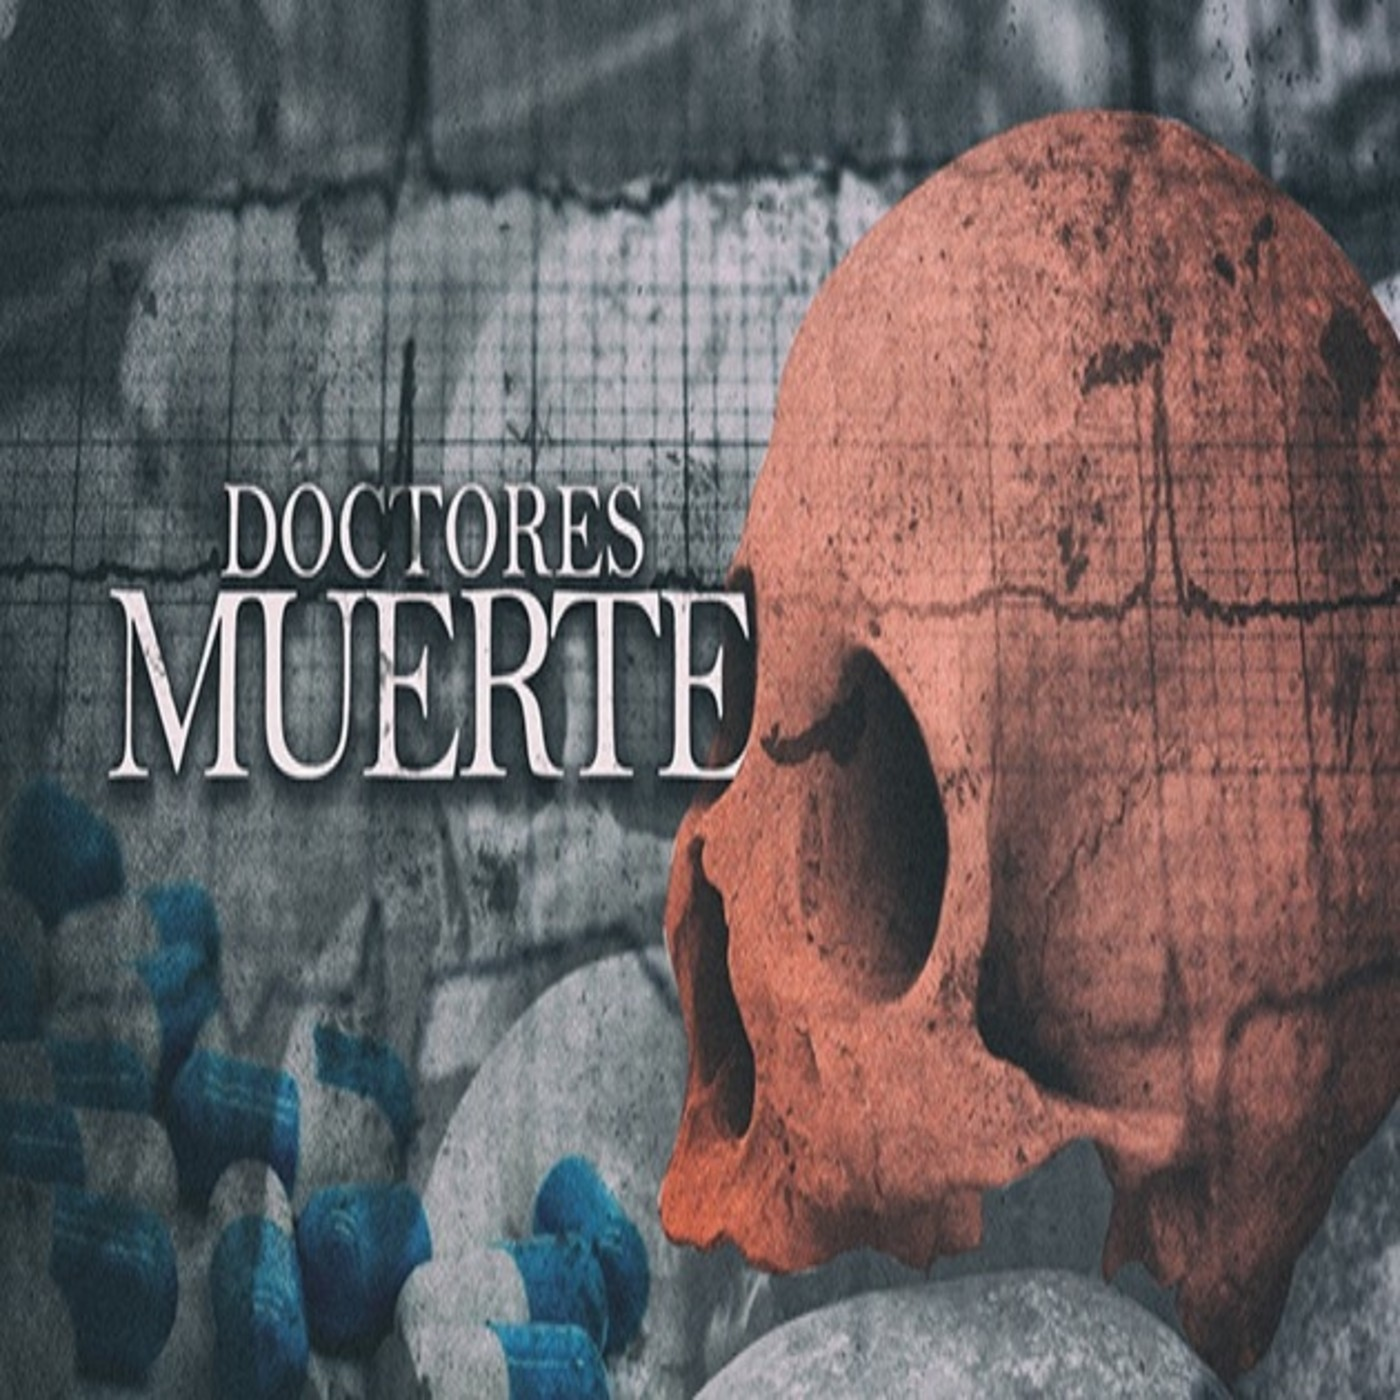 Cuarto Milenio: Doctores muerte en Cuarto Milenio (Oficial ...